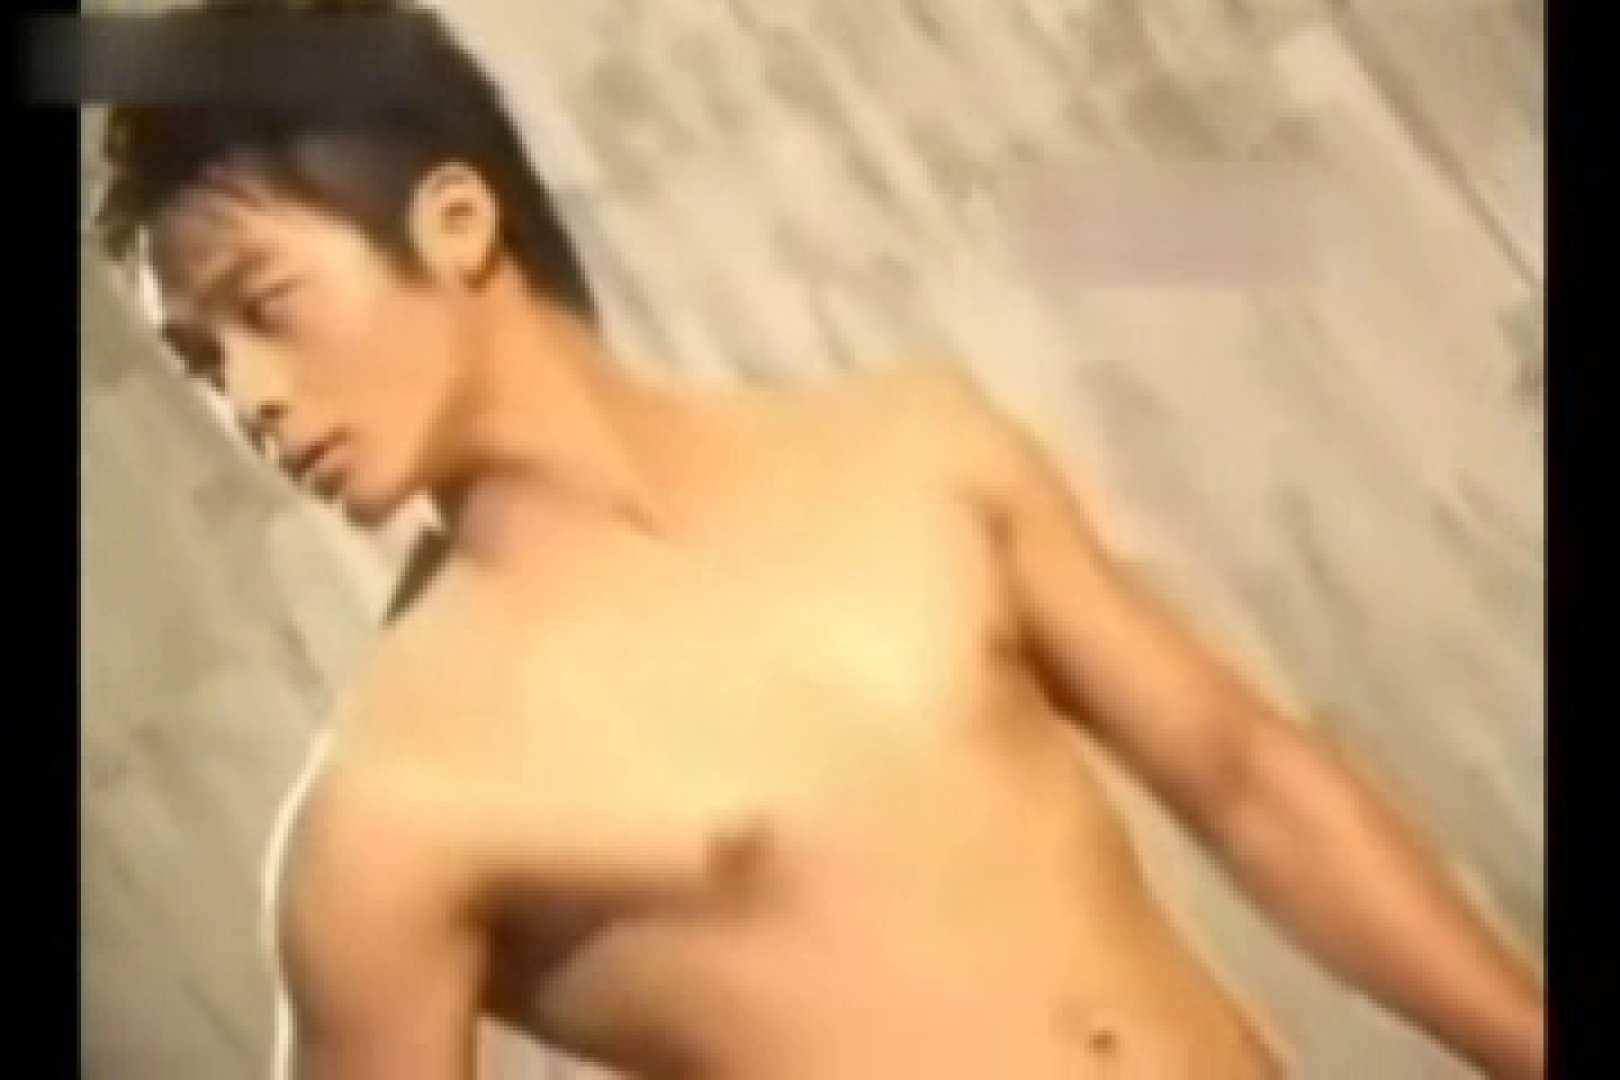 中出有名ゲイ雑誌★魅力●生★付録DVD収録スーパーモデルヌードvol11 ヌード  56pic 15